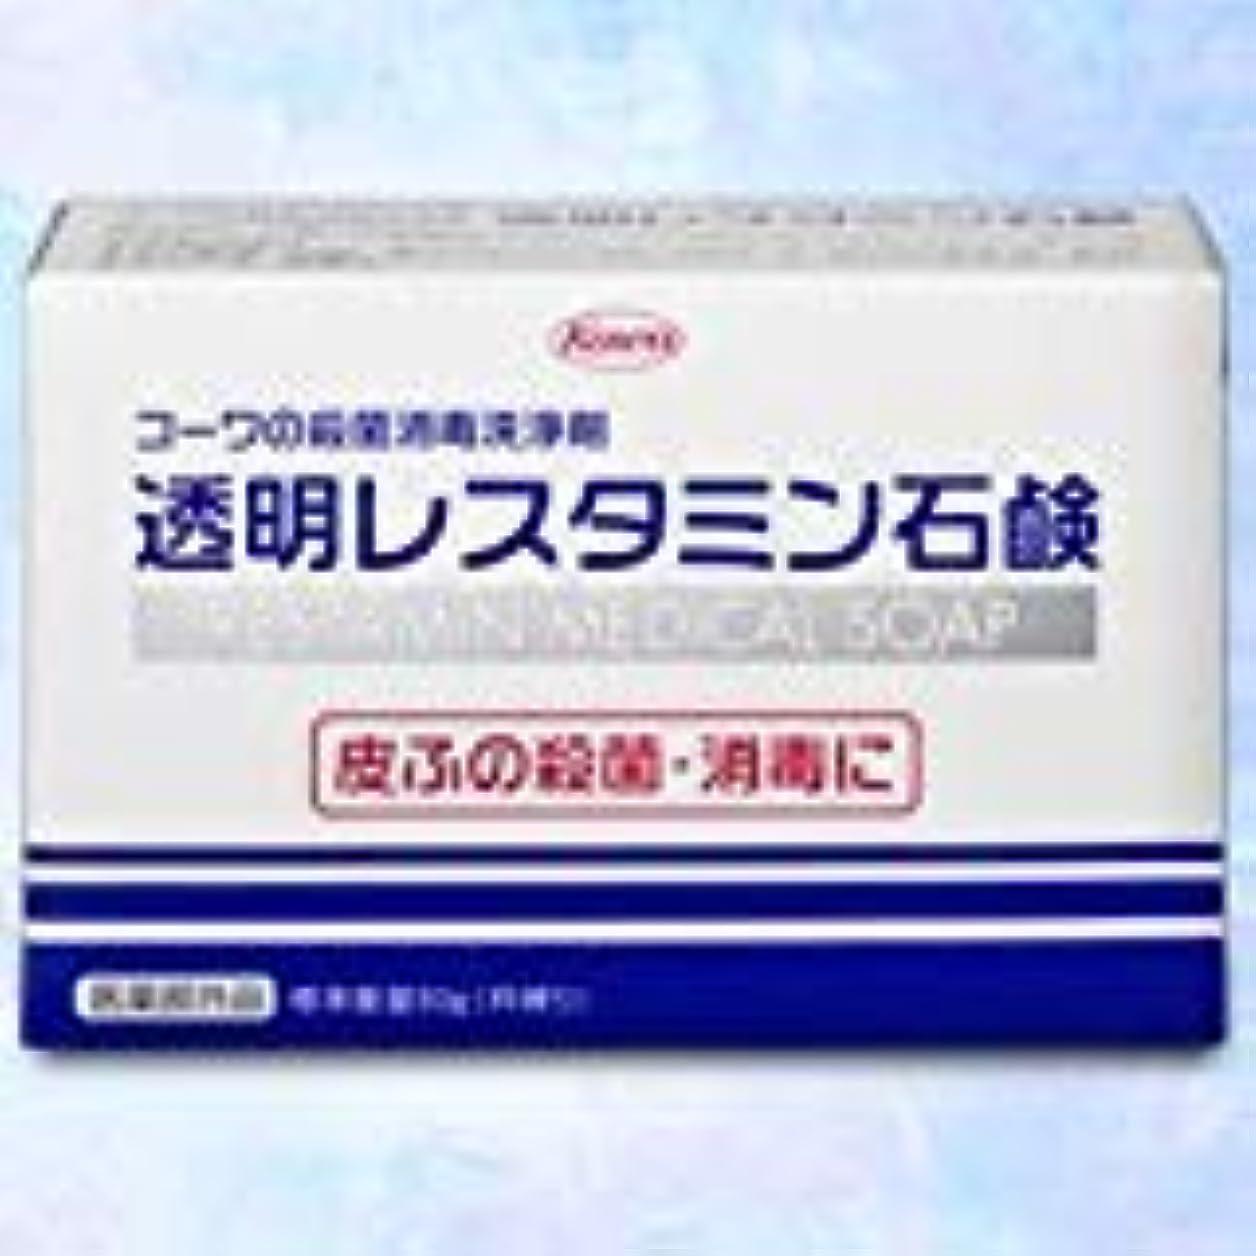 アーサー強風建設【興和】コーワの殺菌消毒洗浄剤「透明レスタミン石鹸」80g(医薬部外品) ×3個セット